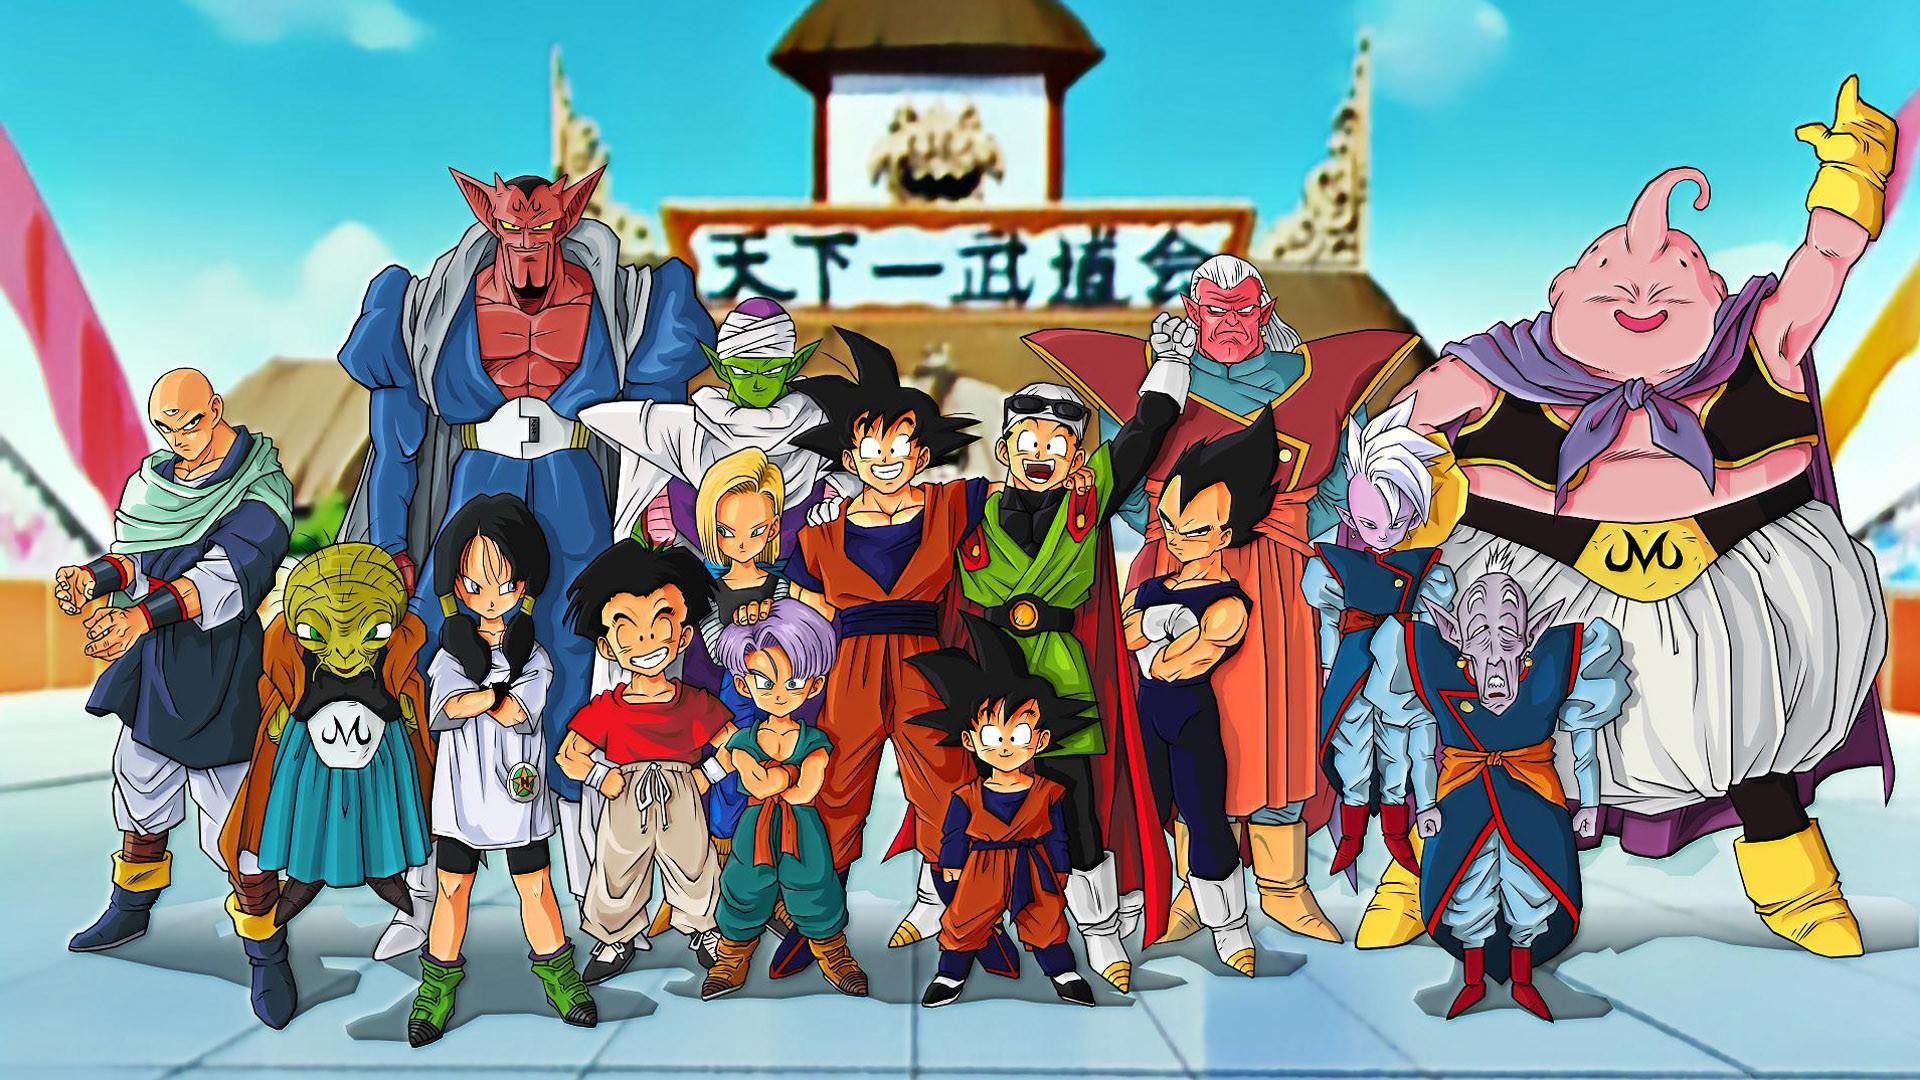 Dragon Ball Unartista Disegna Tutti I Personaggi Apparsi Nella